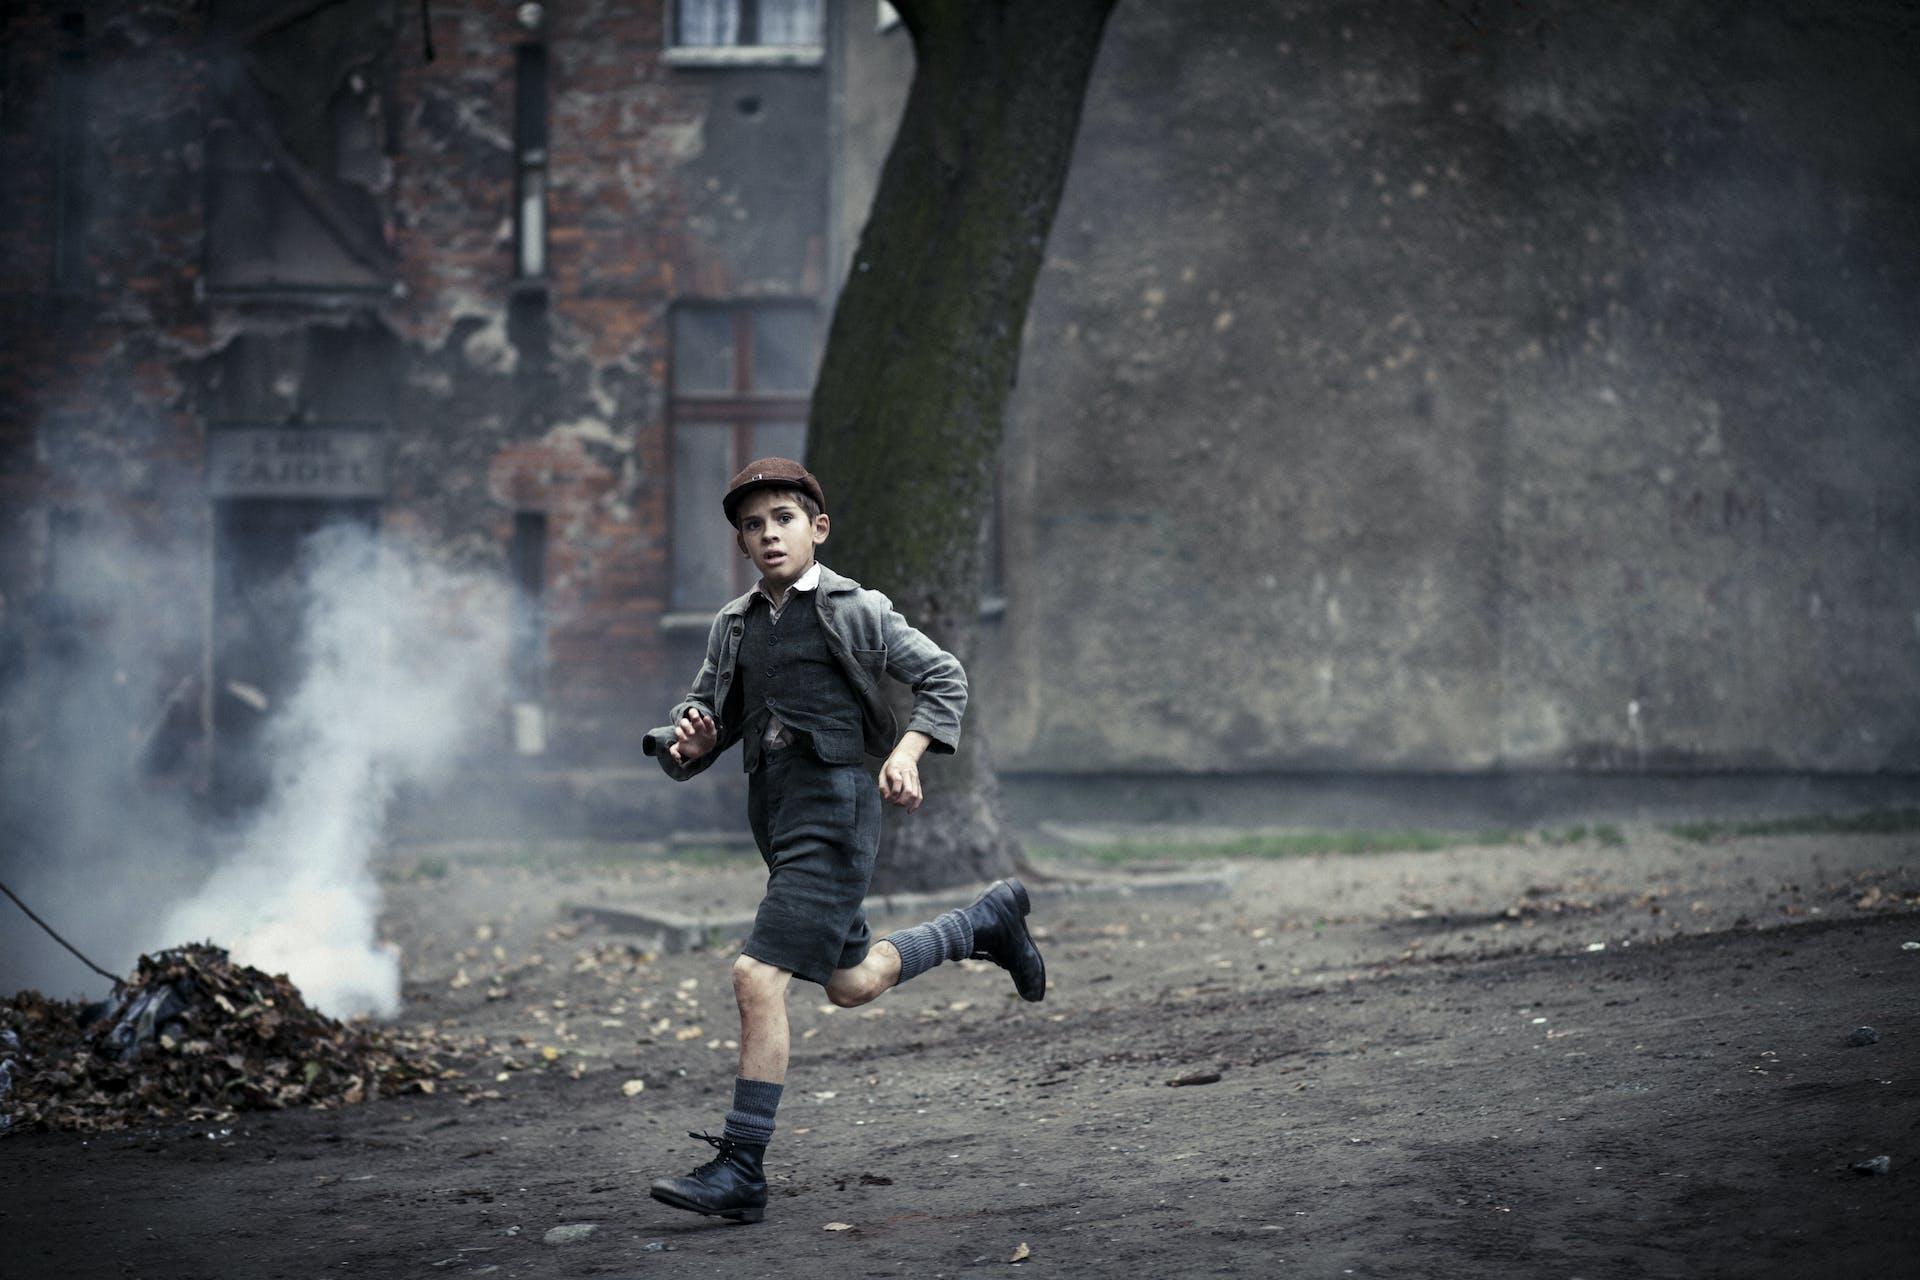 Run Boy Run (Lauf Junge Lauf)